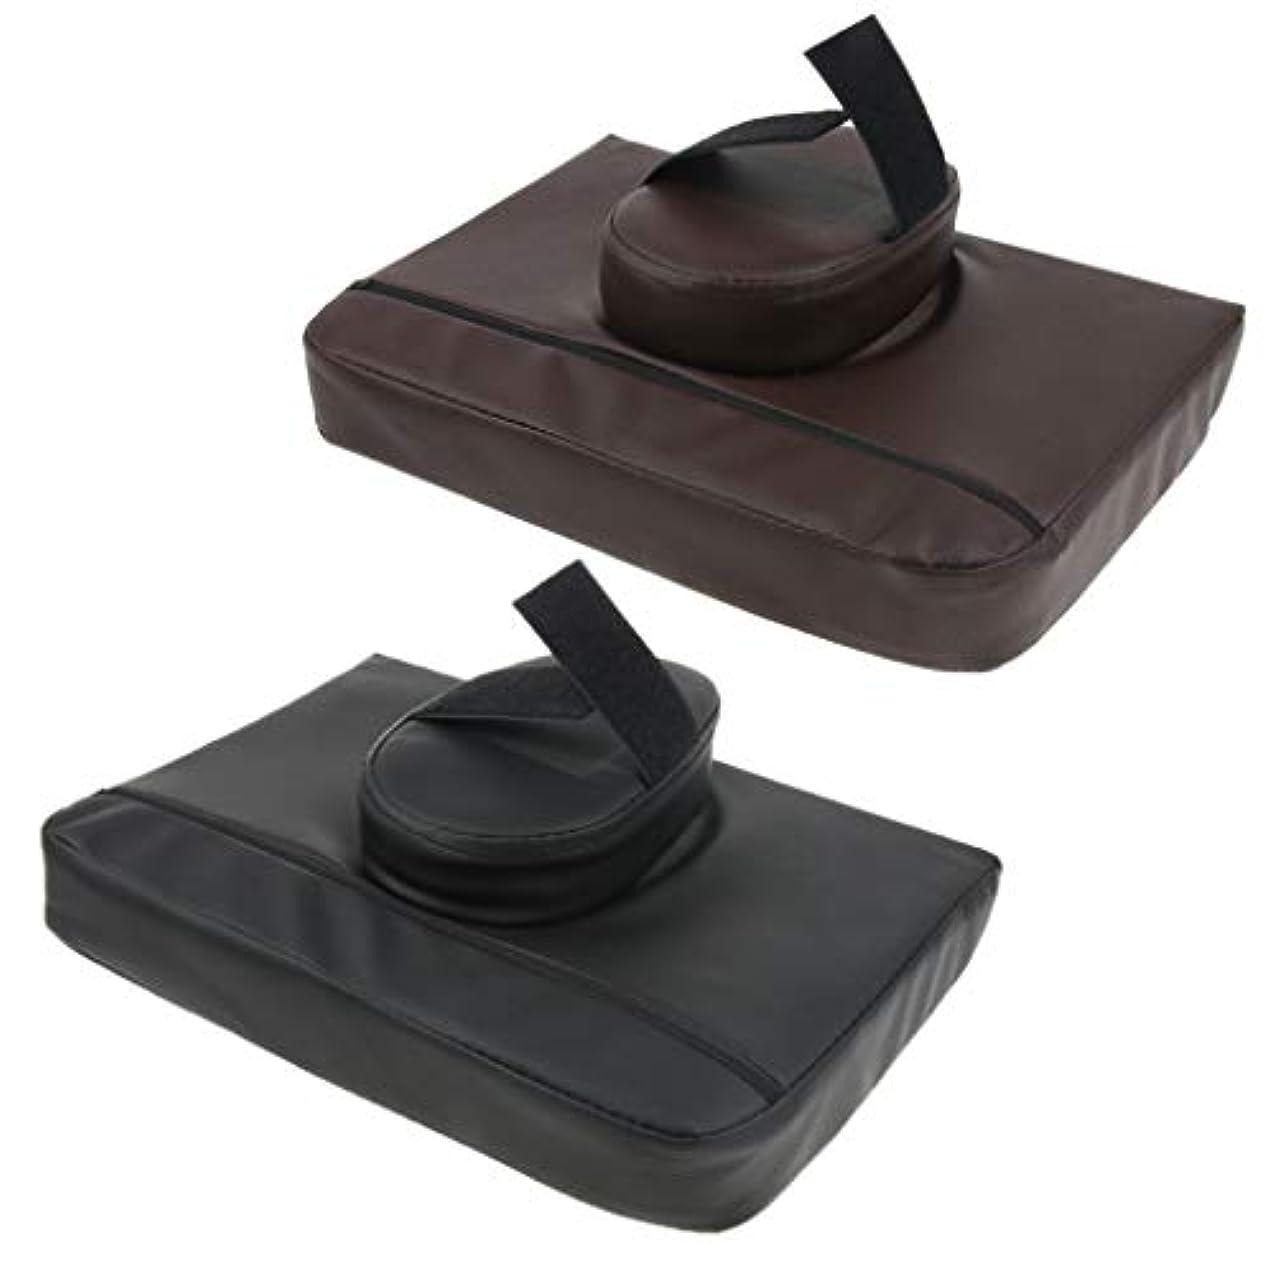 スリーブでる支配するマッサージ枕 マッサージピロー マッサージクッション スクエア マッサージテーブル用 通気性 2個入